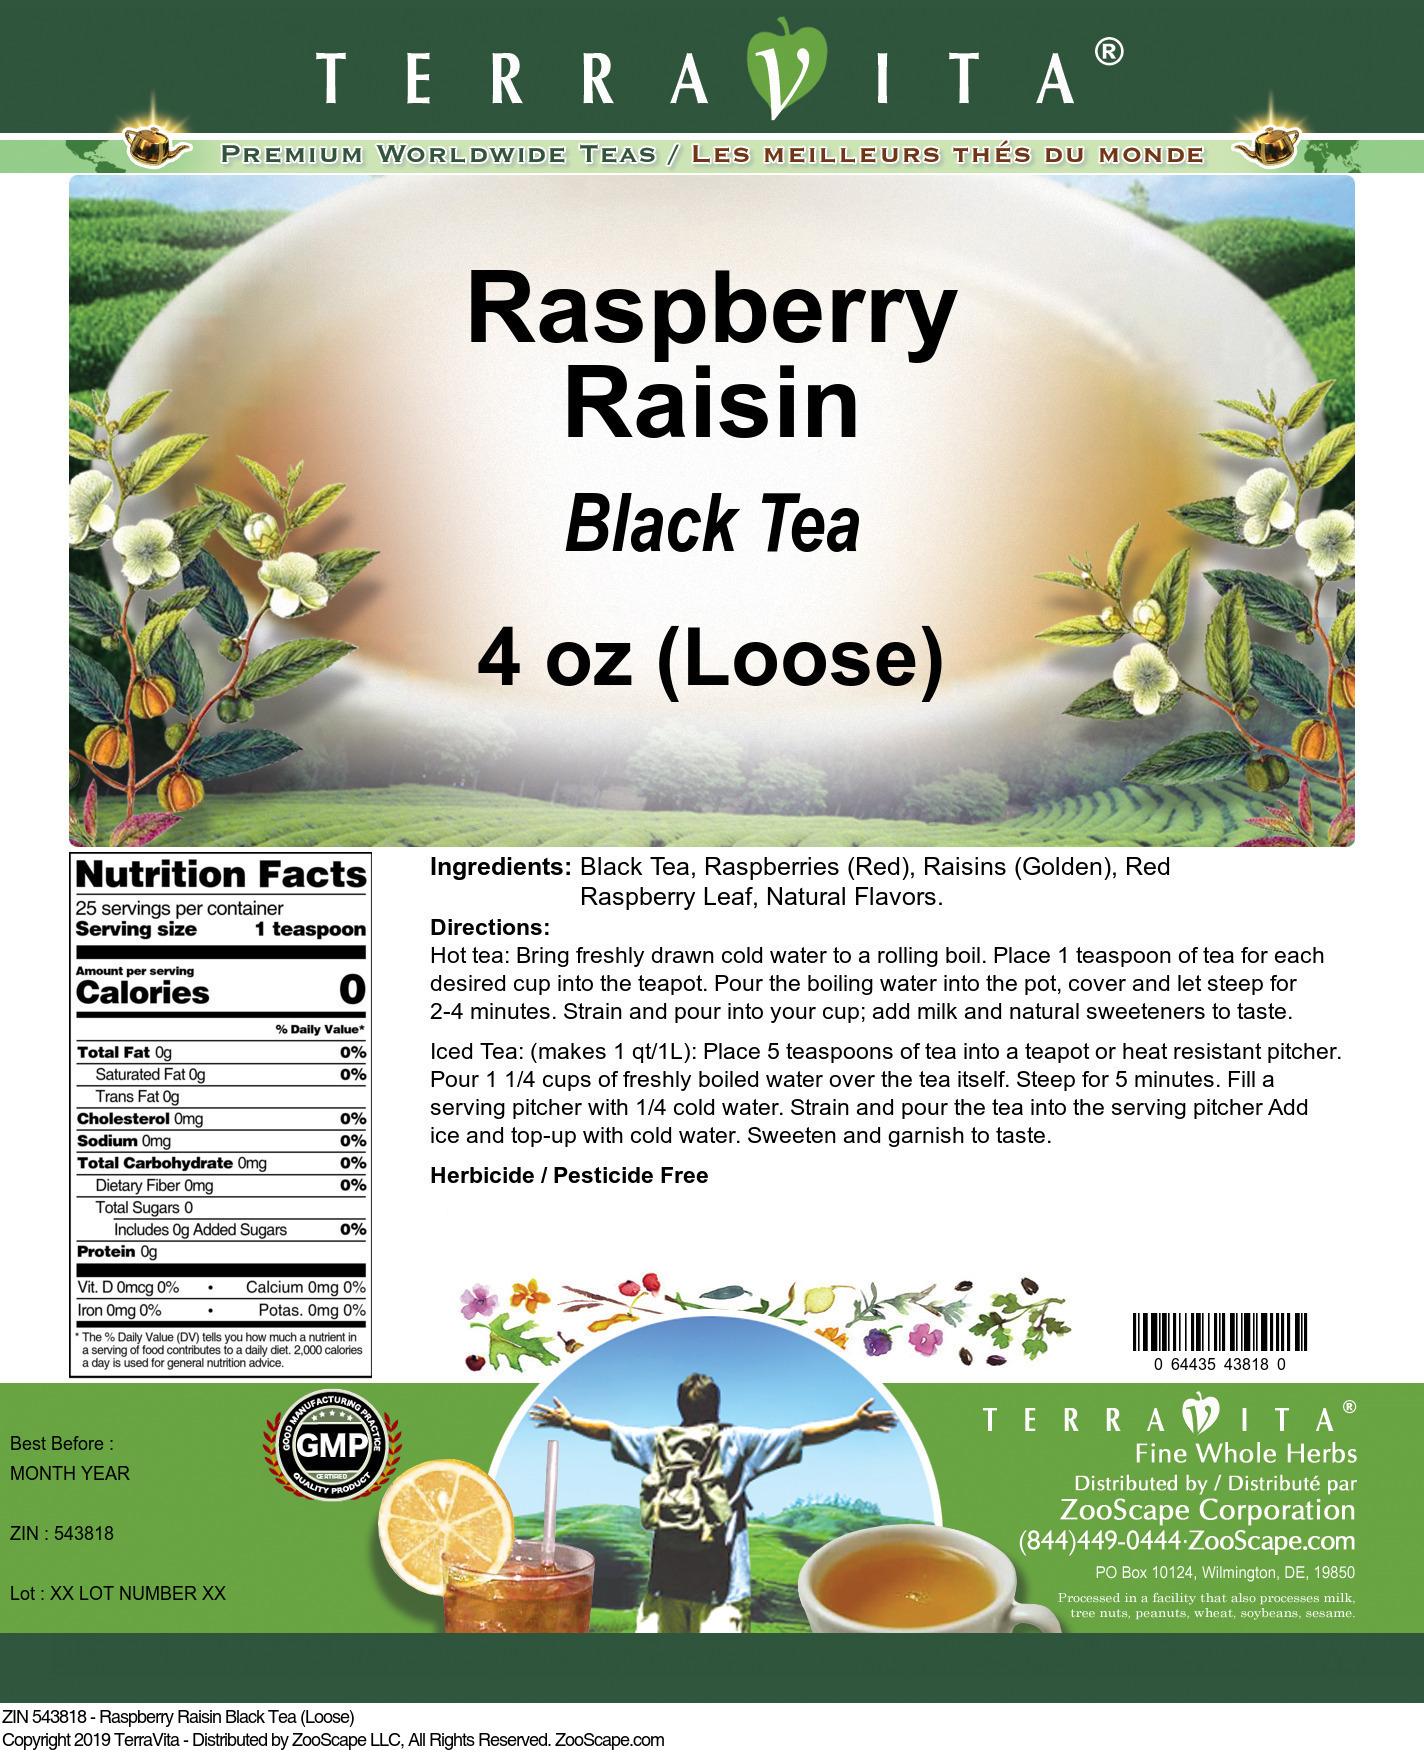 Raspberry Raisin Black Tea (Loose)